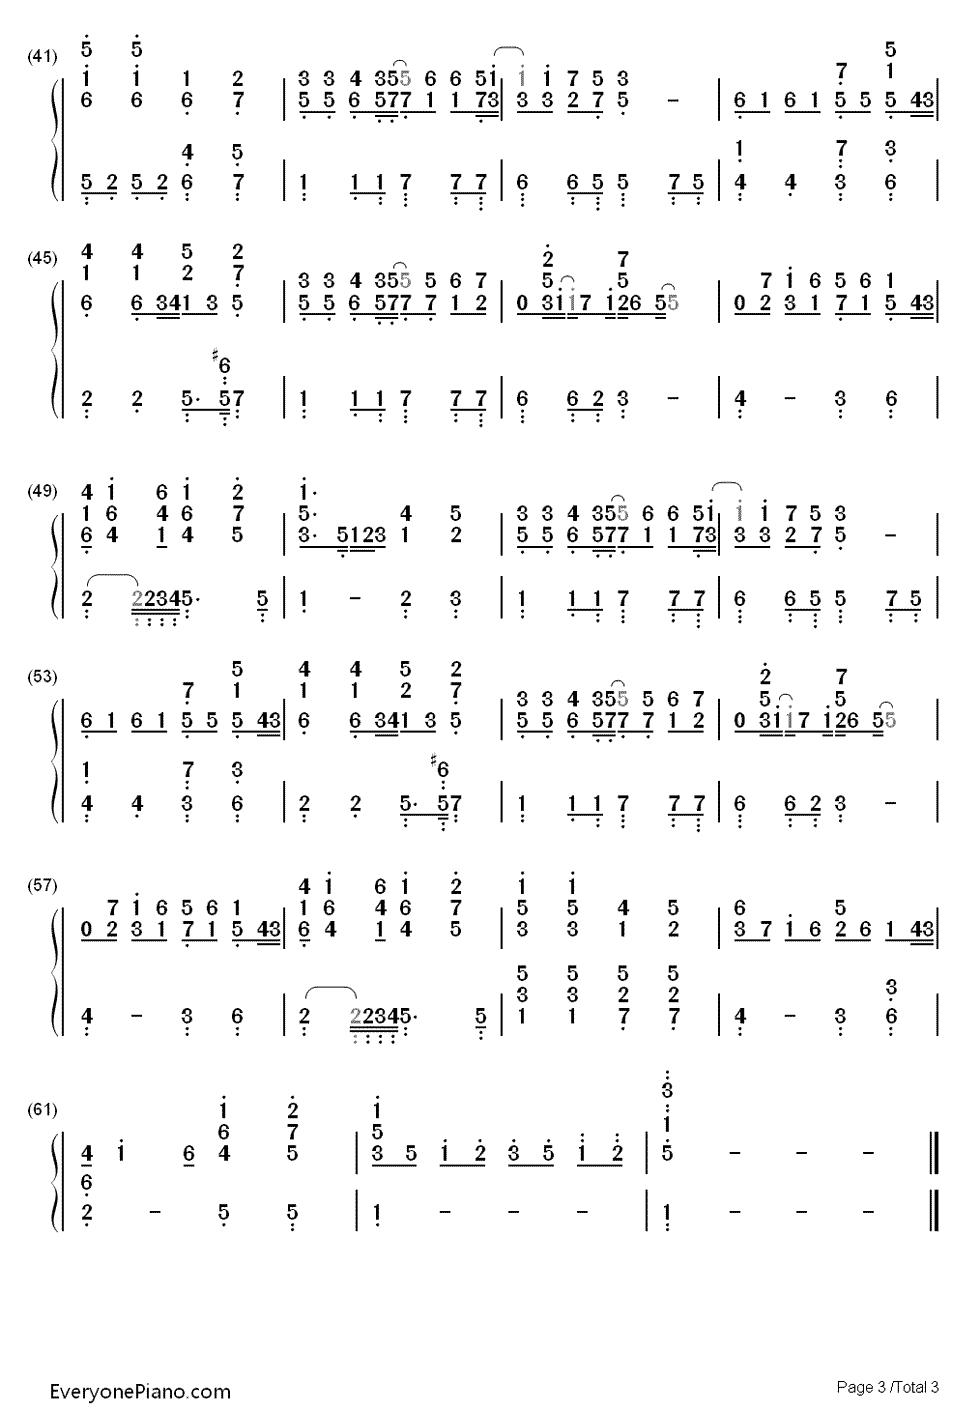 钢琴曲谱 流行 记得 记得双手简谱预览3  }  仅供学习交流使用!图片